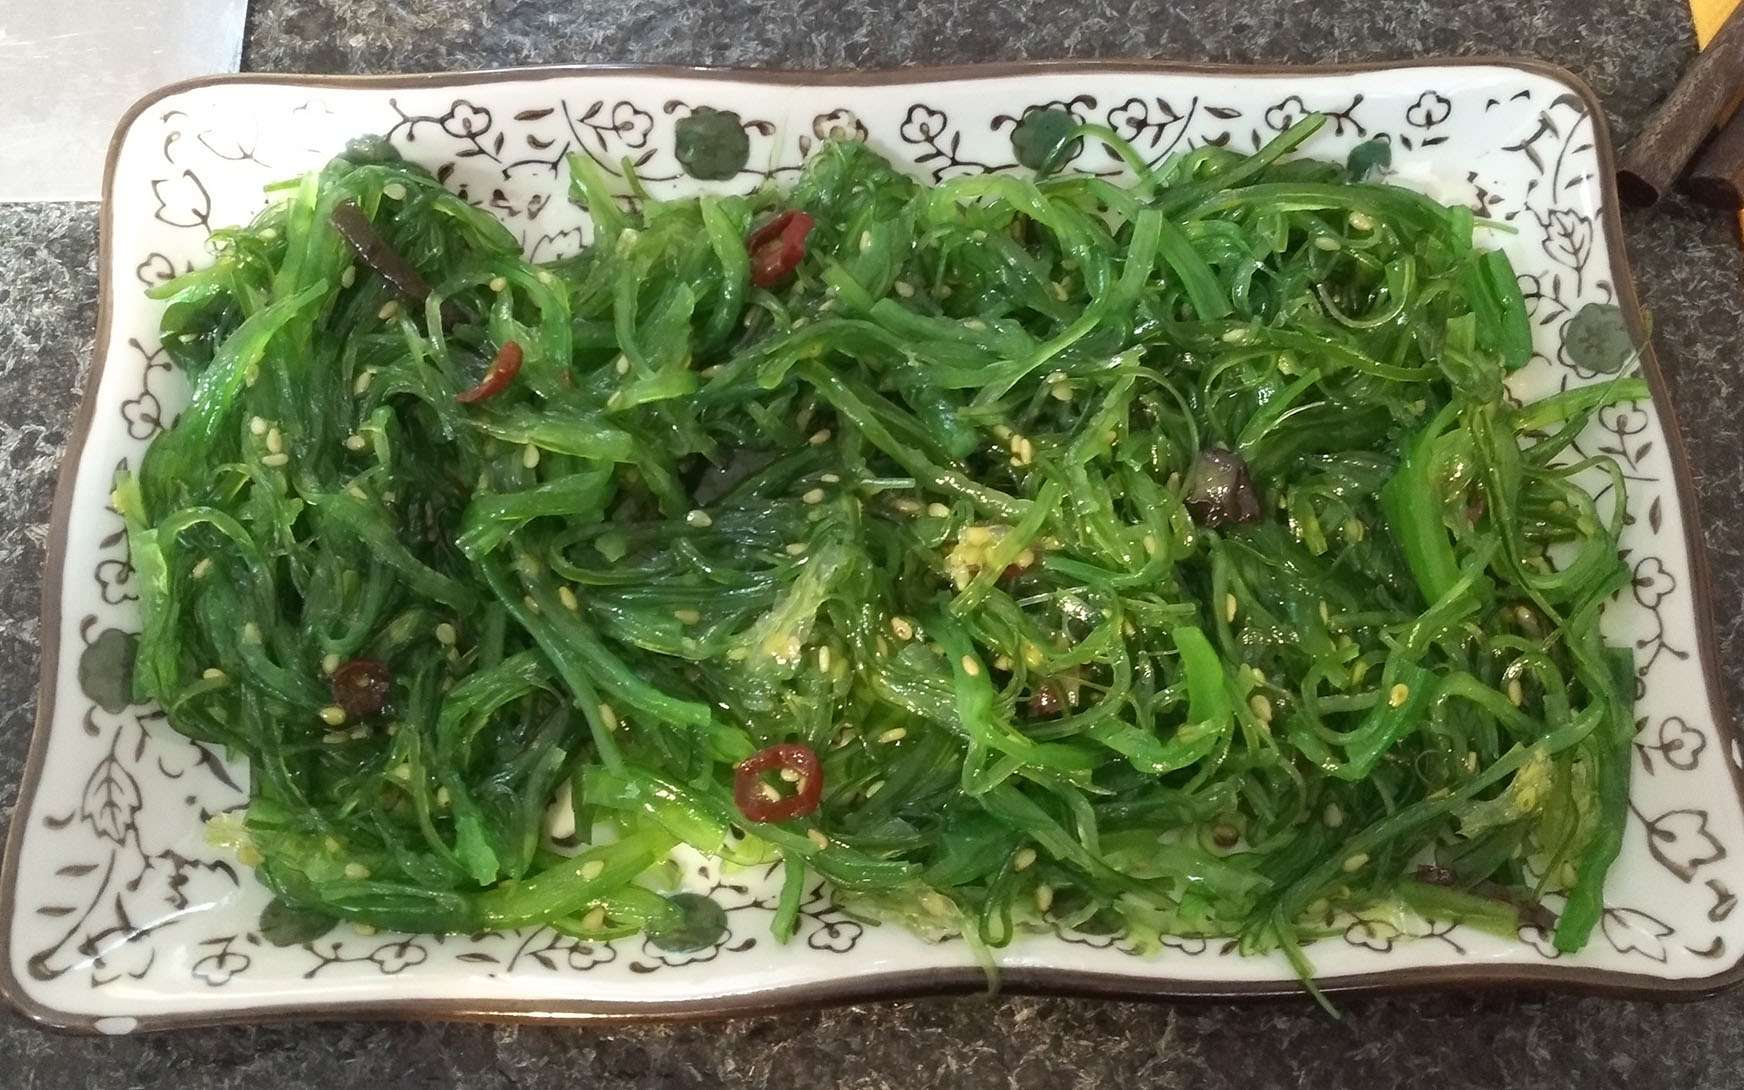 Le wakamé est l'algue la plus consommée au monde. Une algue de culture qui a fait son apparition en France dans les années 1980. On l'appelle parfois la fougère des mers. Elle présente une couleur vert foncé.Le wakamé se consomme cru ou cuit. Ici, en salade. Son avantage : un goût doux et léger.Parmi les atouts nutritionnels du wakamé, sa richesse en calcium. Supérieure à celle du lait. Mais l'algue contient aussi une bonne part de protéines et des vitamines. © Sebleouf, Wikimedia Commons, CC 4.0